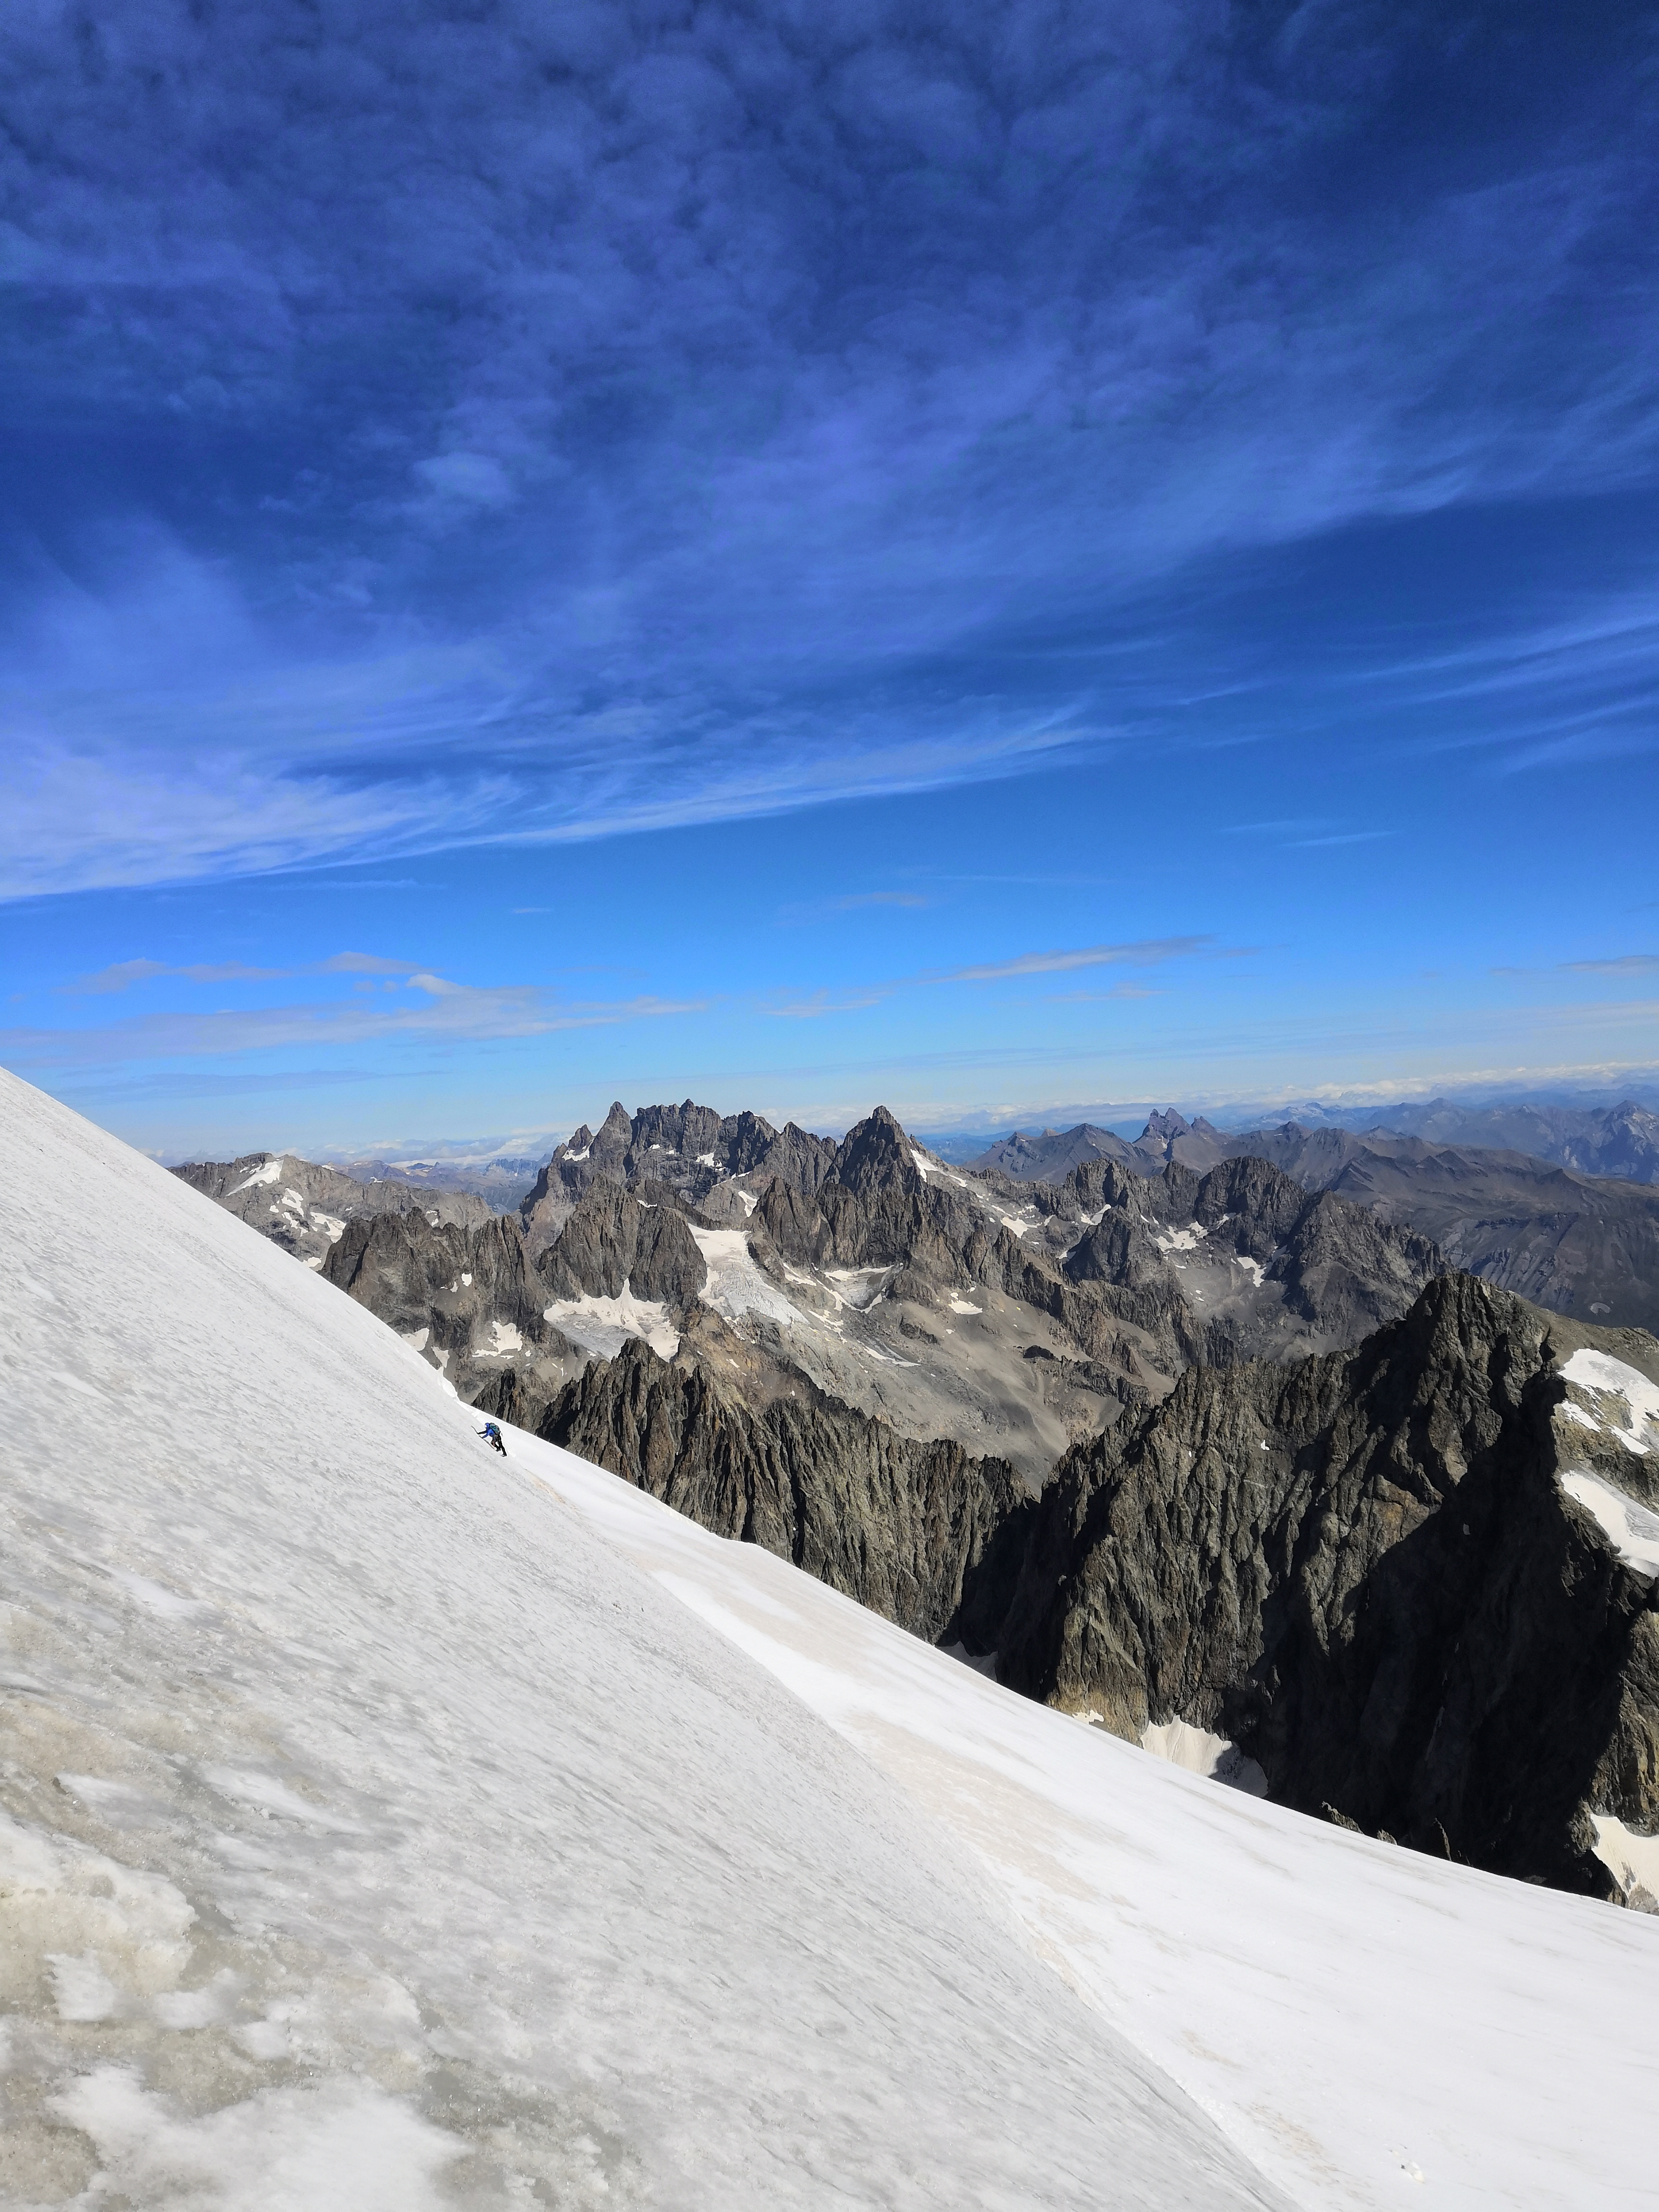 Un alpinista in azione sull'ultimo pendio prima della cresta.